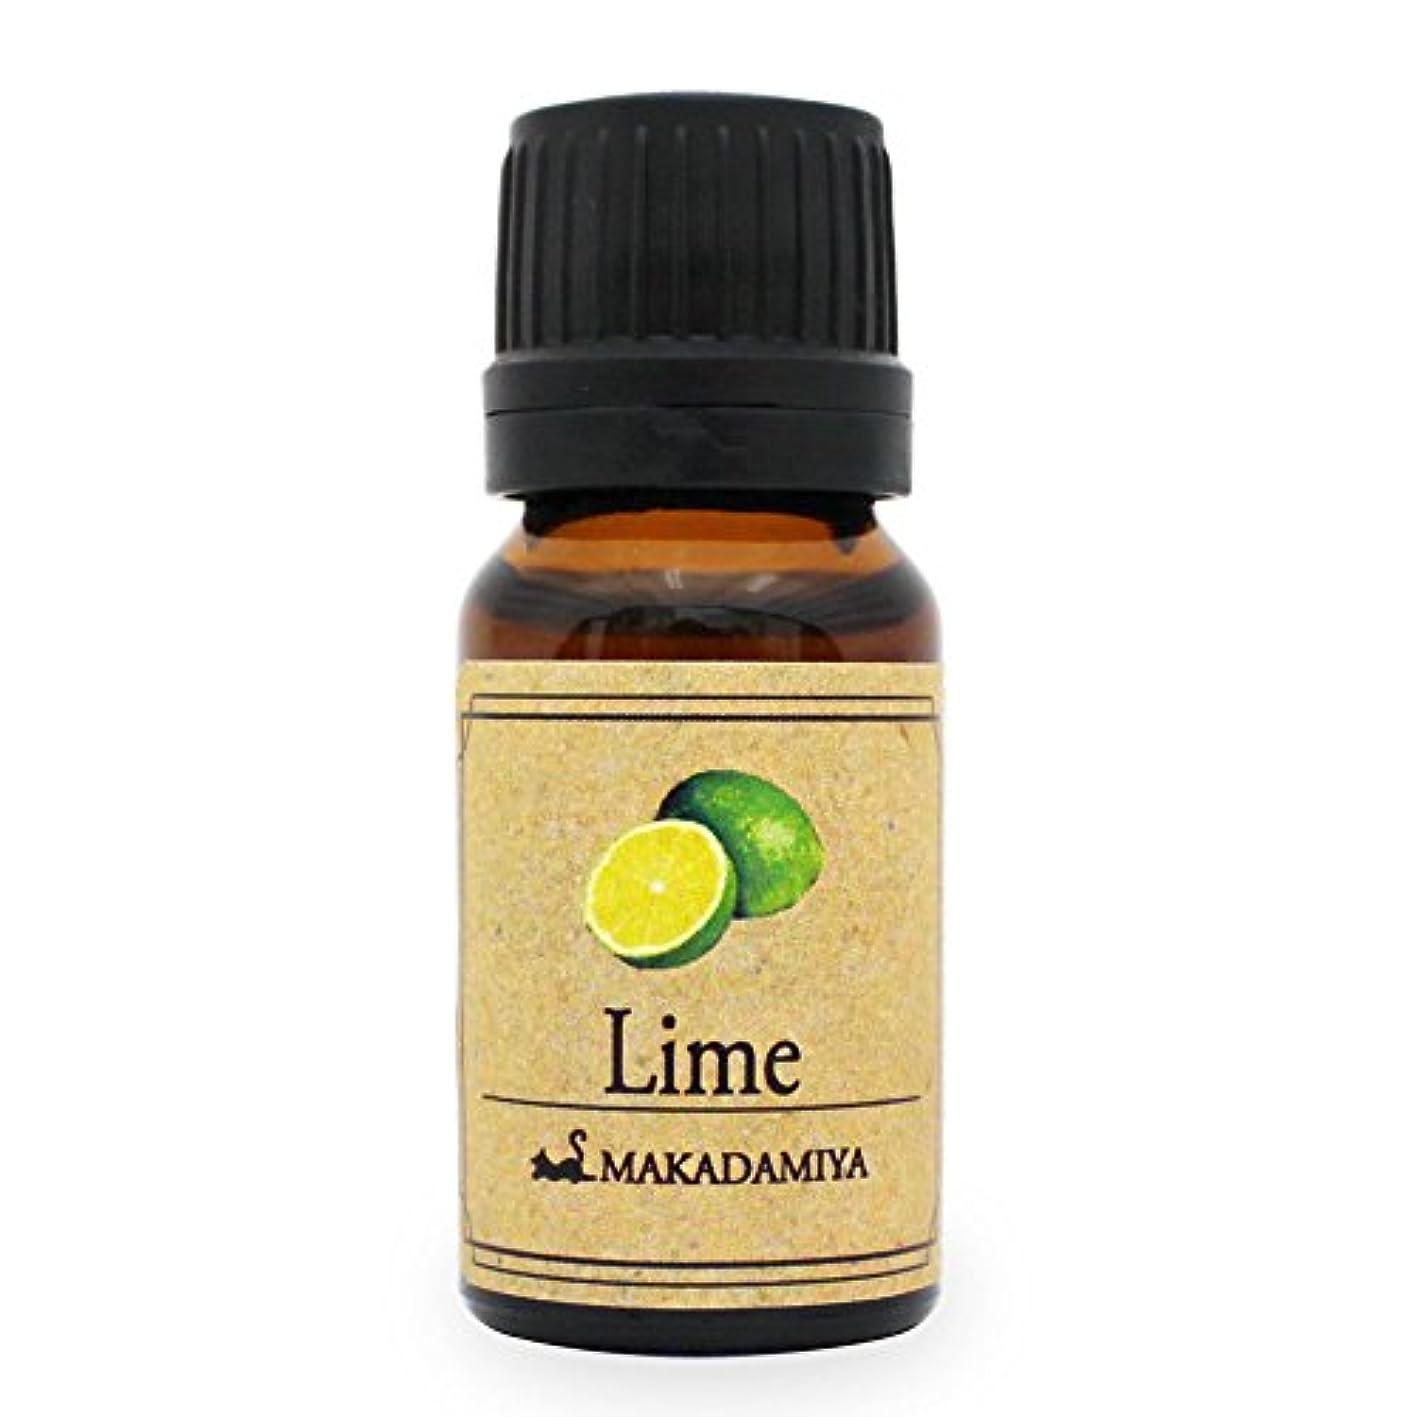 口課税言うまでもなくライム10ml 天然100%植物性 エッセンシャルオイル(精油) アロマオイル アロママッサージ aroma Lime